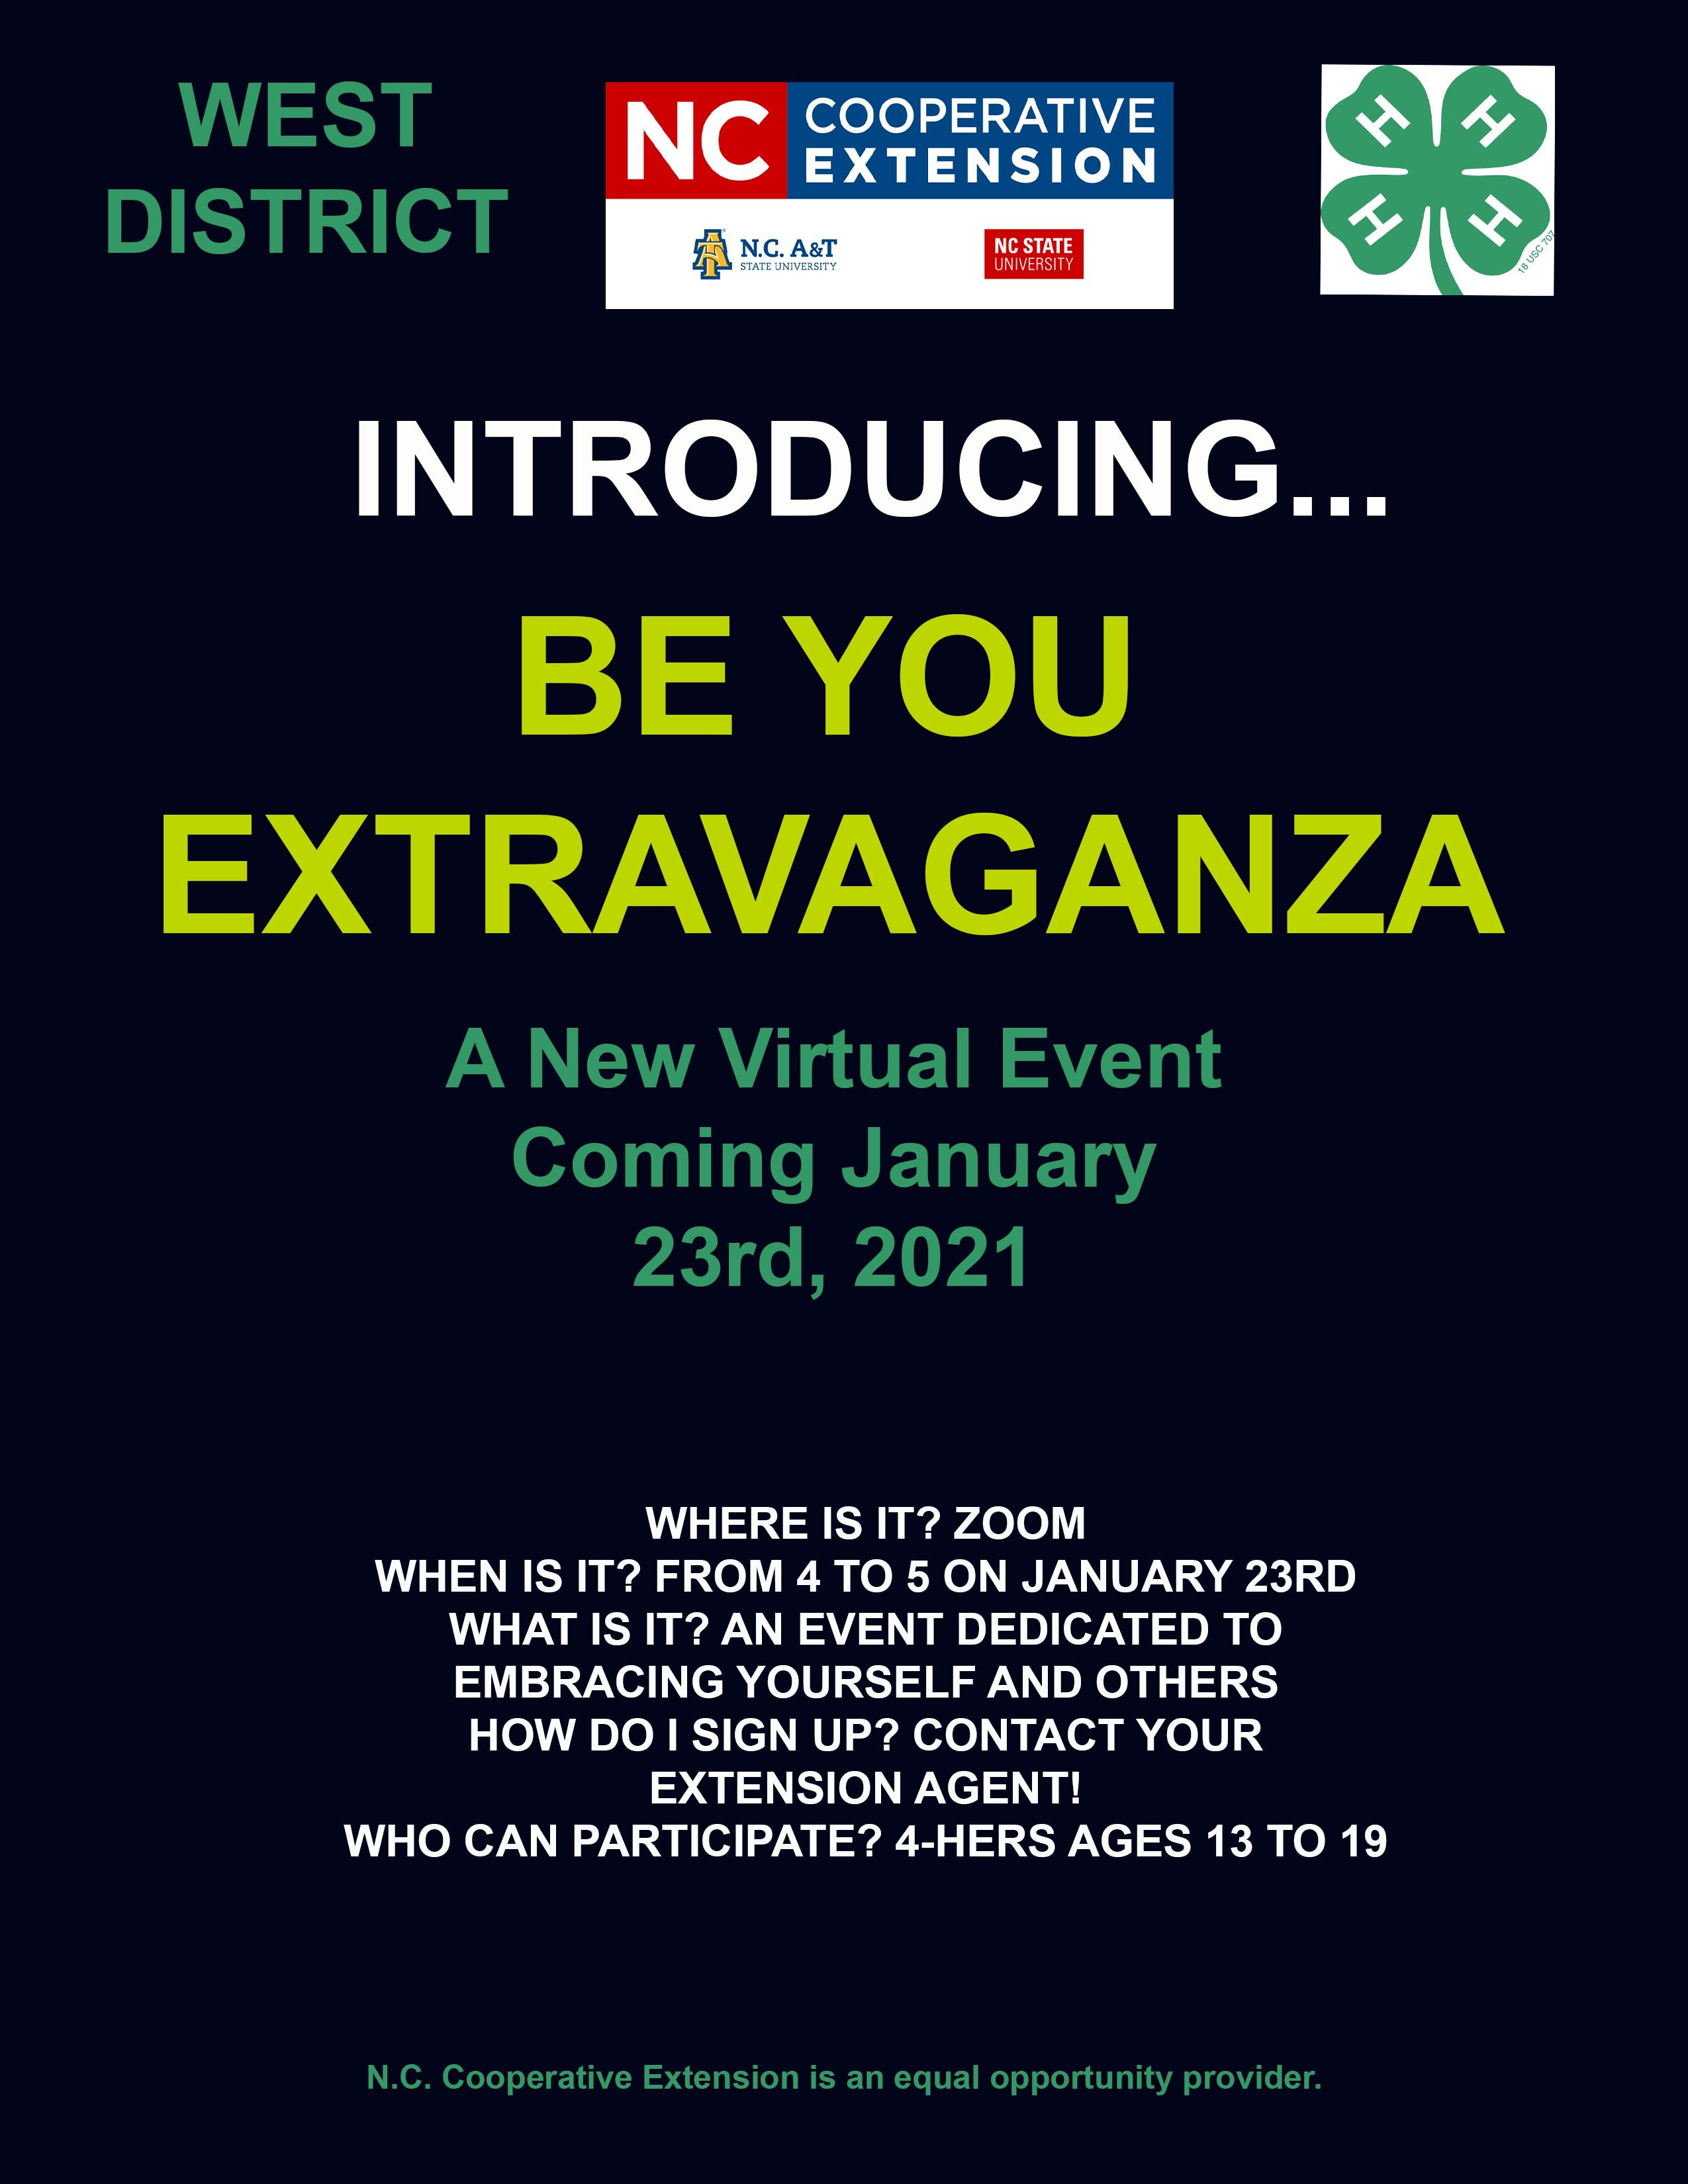 Be You Extravaganza flyer